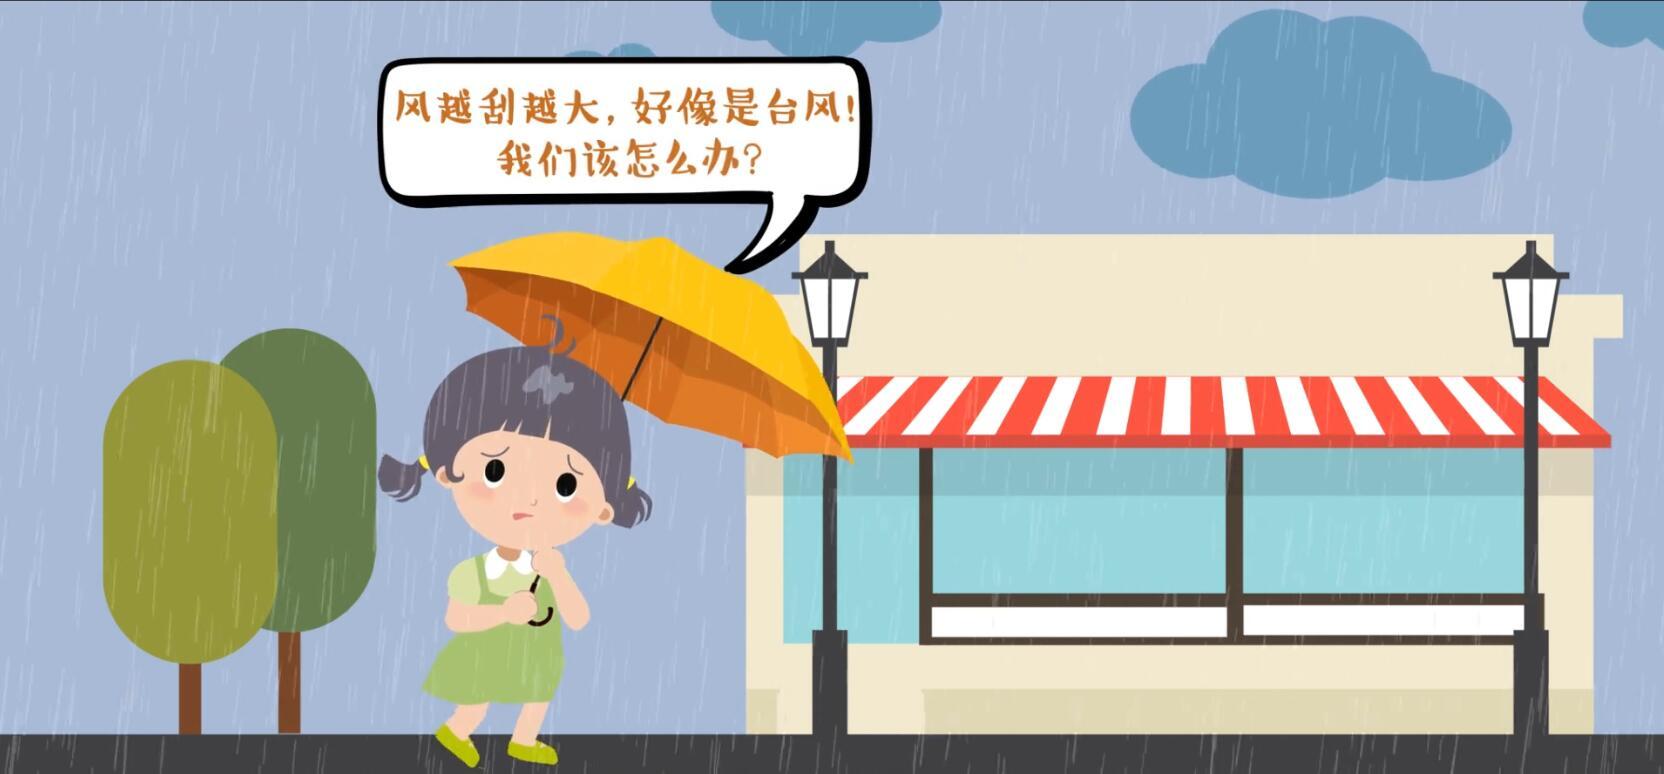 """台风""""摩羯""""明天登陆 江苏启动防台风Ⅳ级应急响应"""